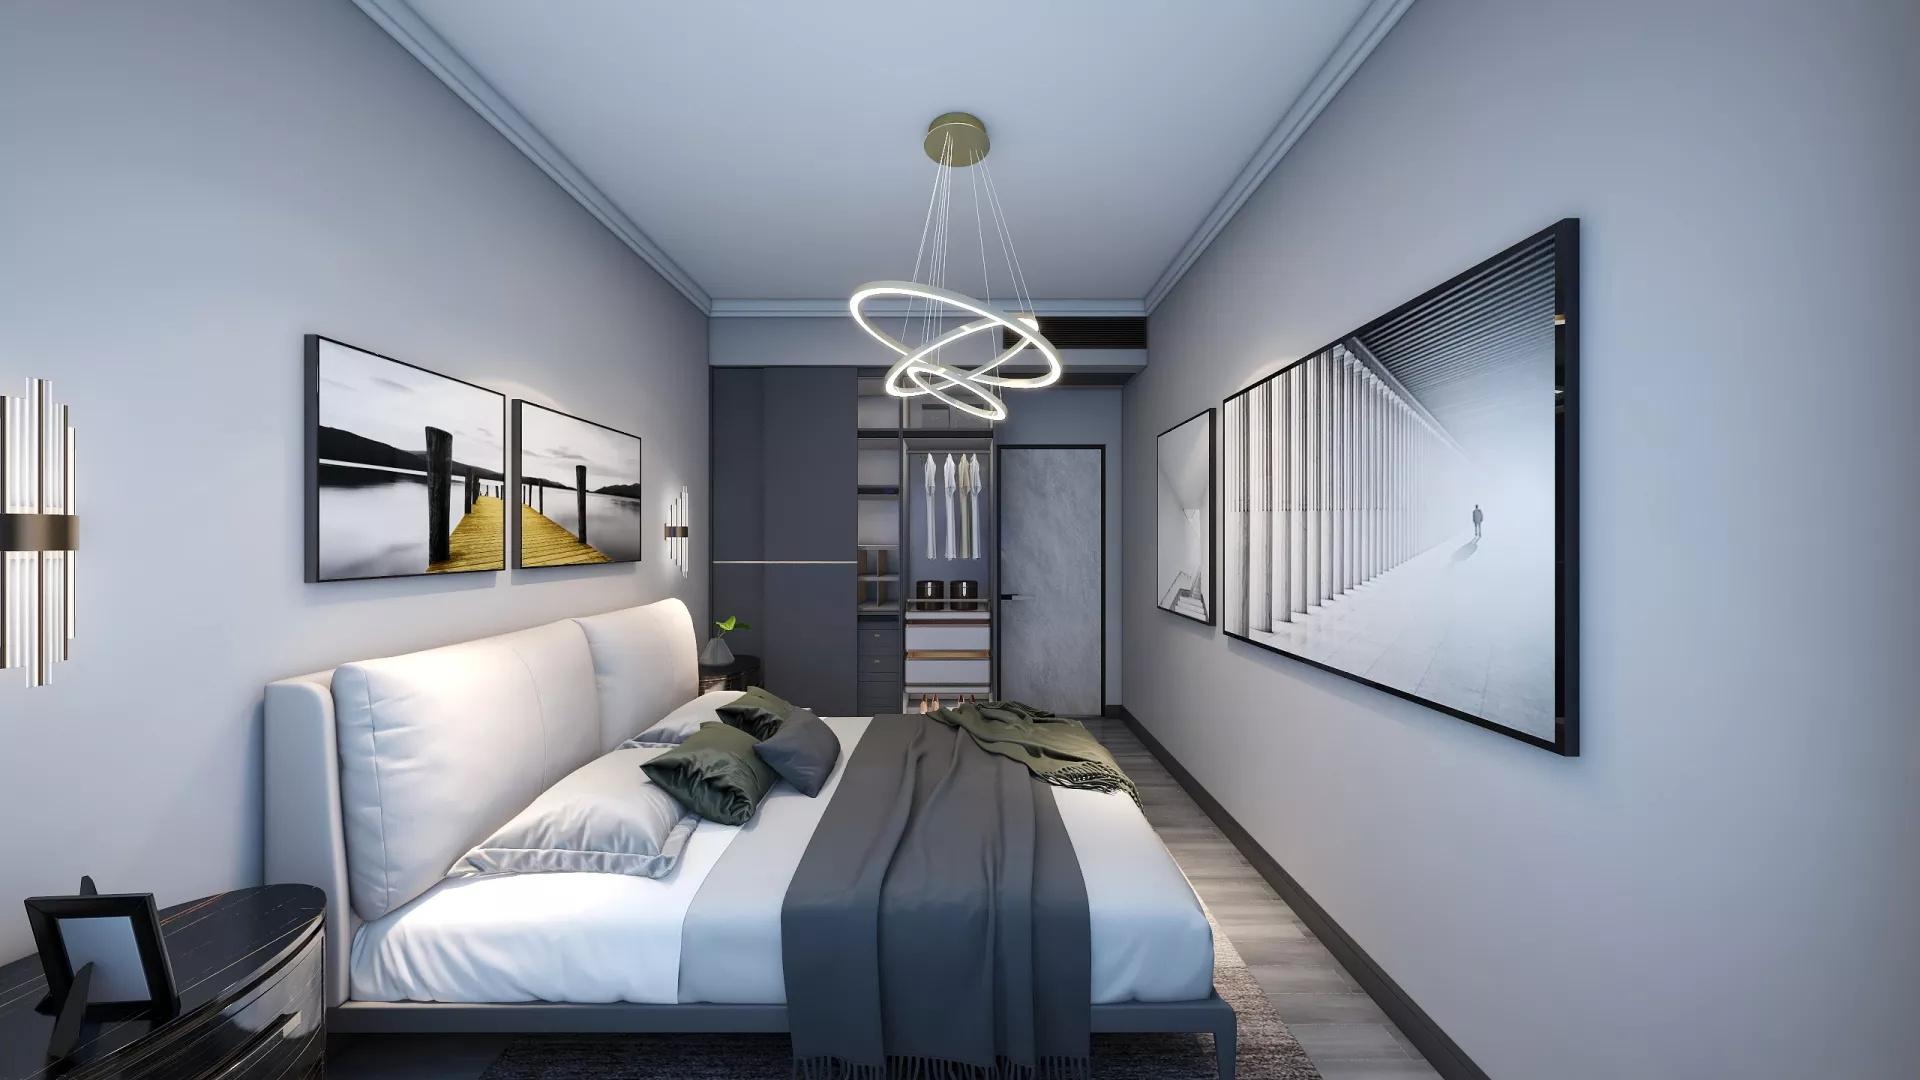 卧室装修材料之铝扣板品牌及其质量